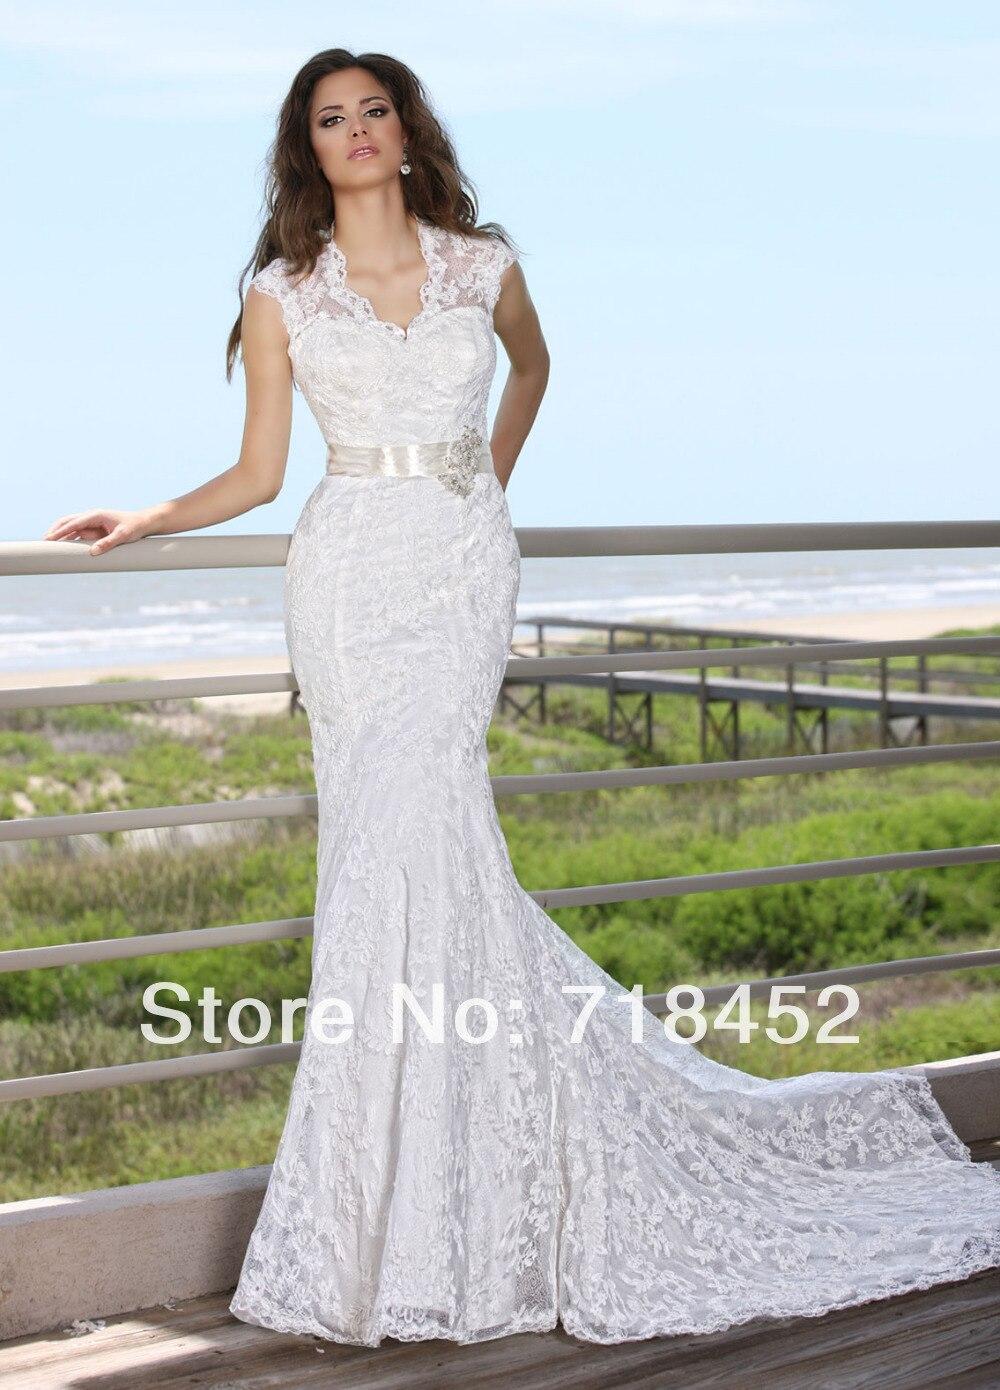 elegant dresses for wedding guests dresses for wedding guests elegant dresses for wedding guests tOKw